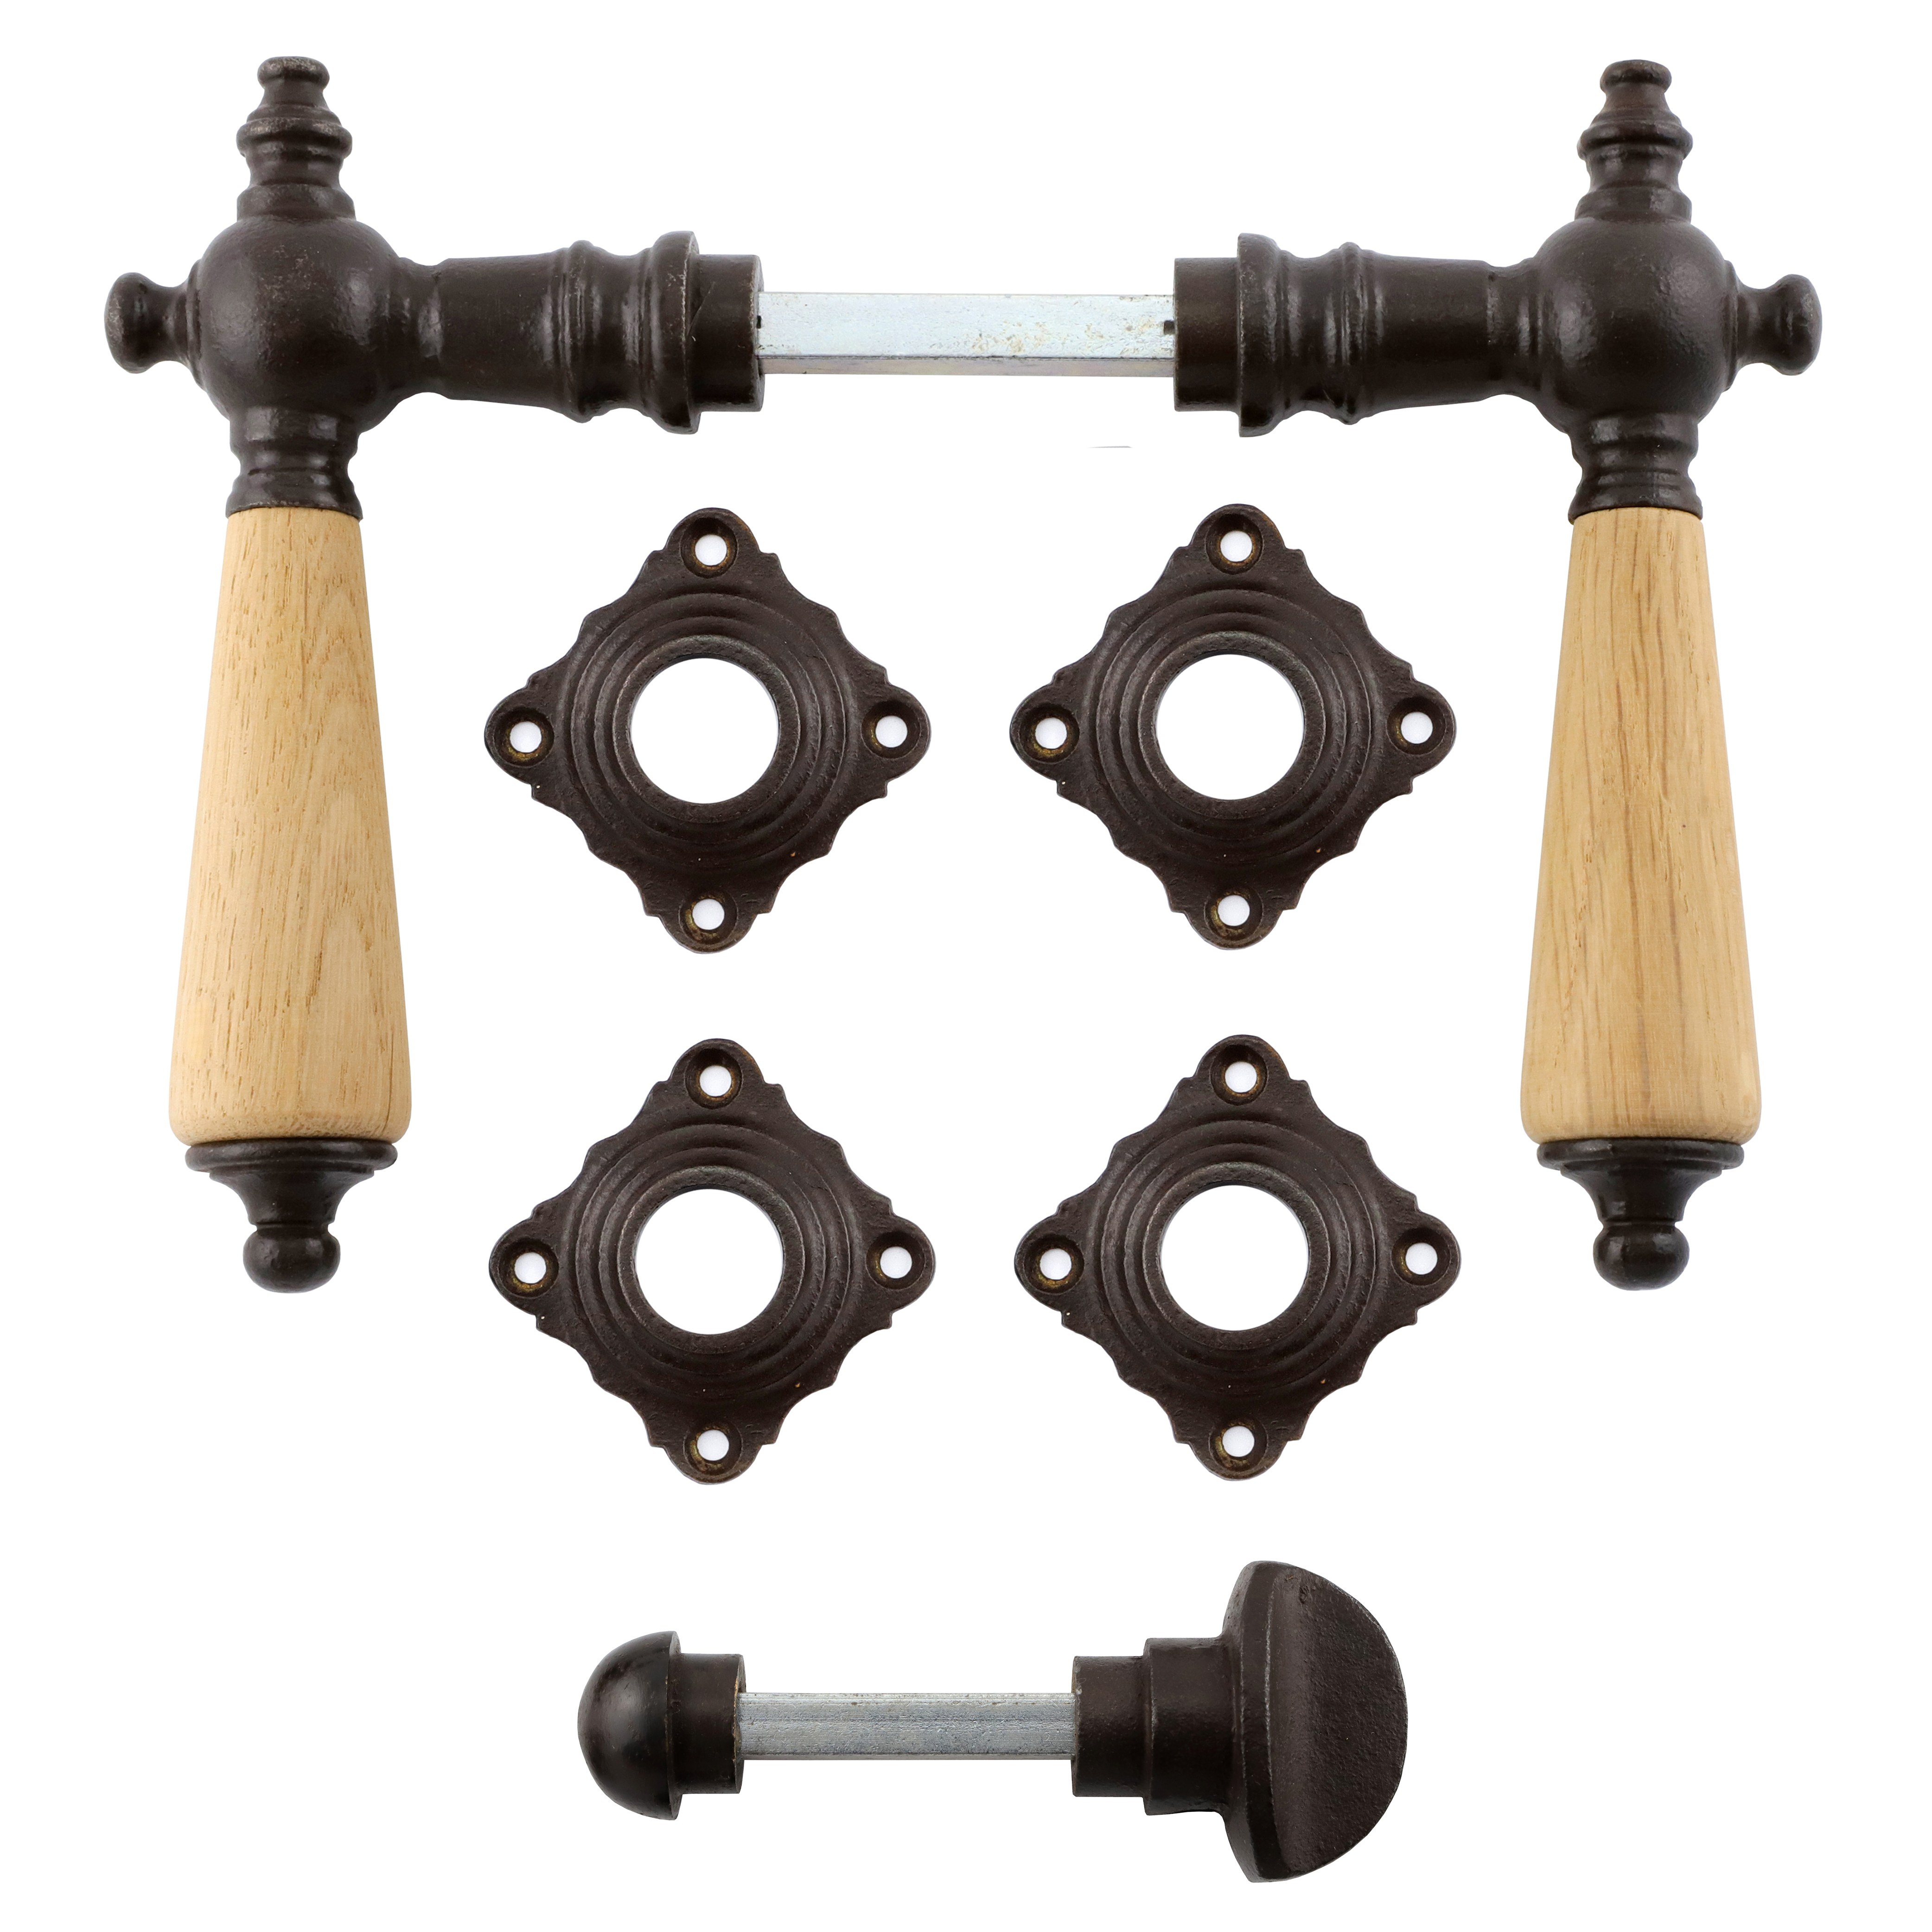 341.0028.60 WC-Türbeschlag mit Dreher / Drehknauf Eisen antik Eichenholz